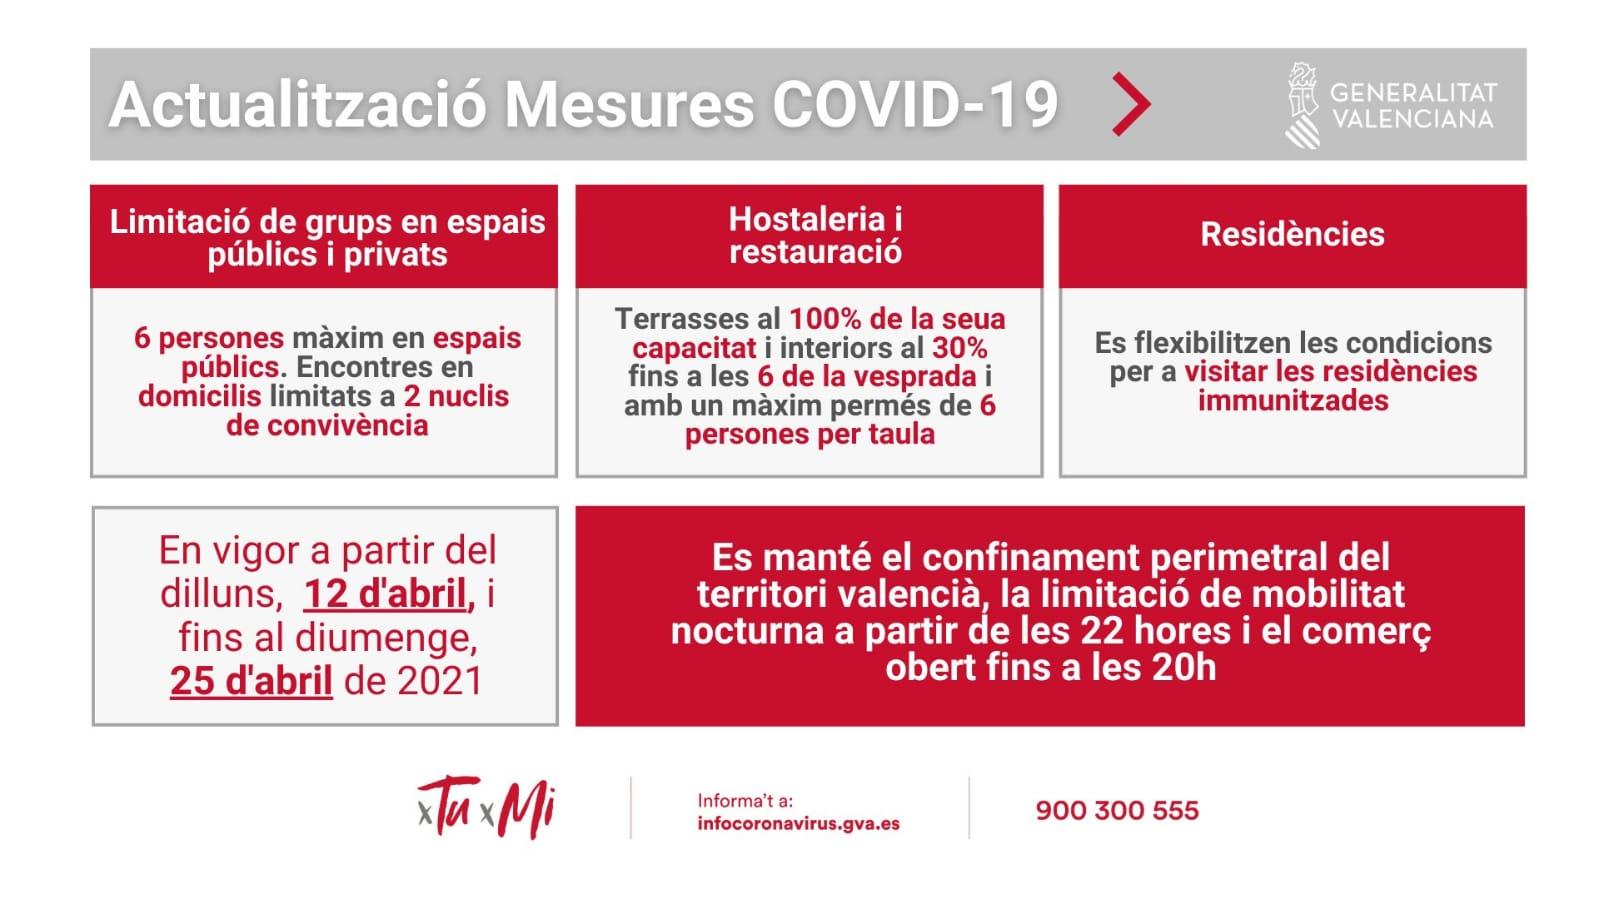 Publicat el DECRETde la GVA al DOGV núm. 9057 relatiu a noves mesures COVID-19 en la CV